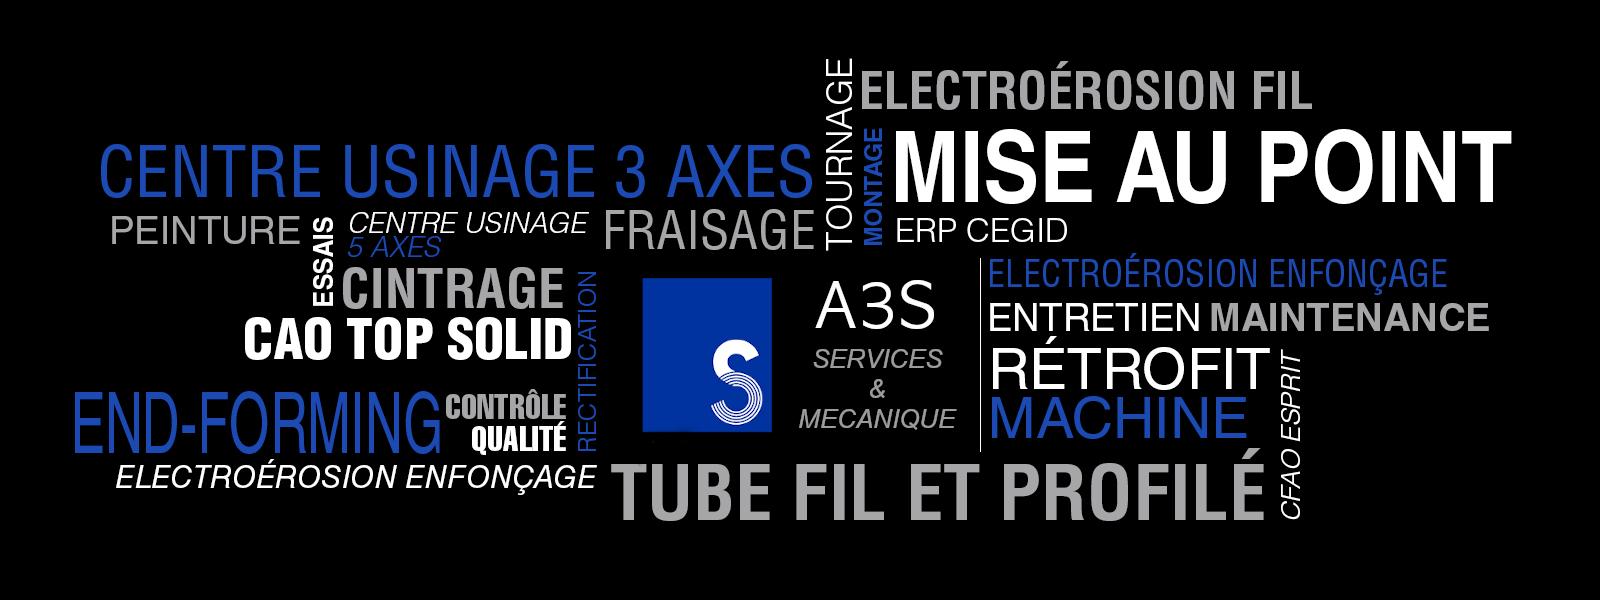 Nuage de tags compétences A3S Mecanique : cintrage, tournage, etc.